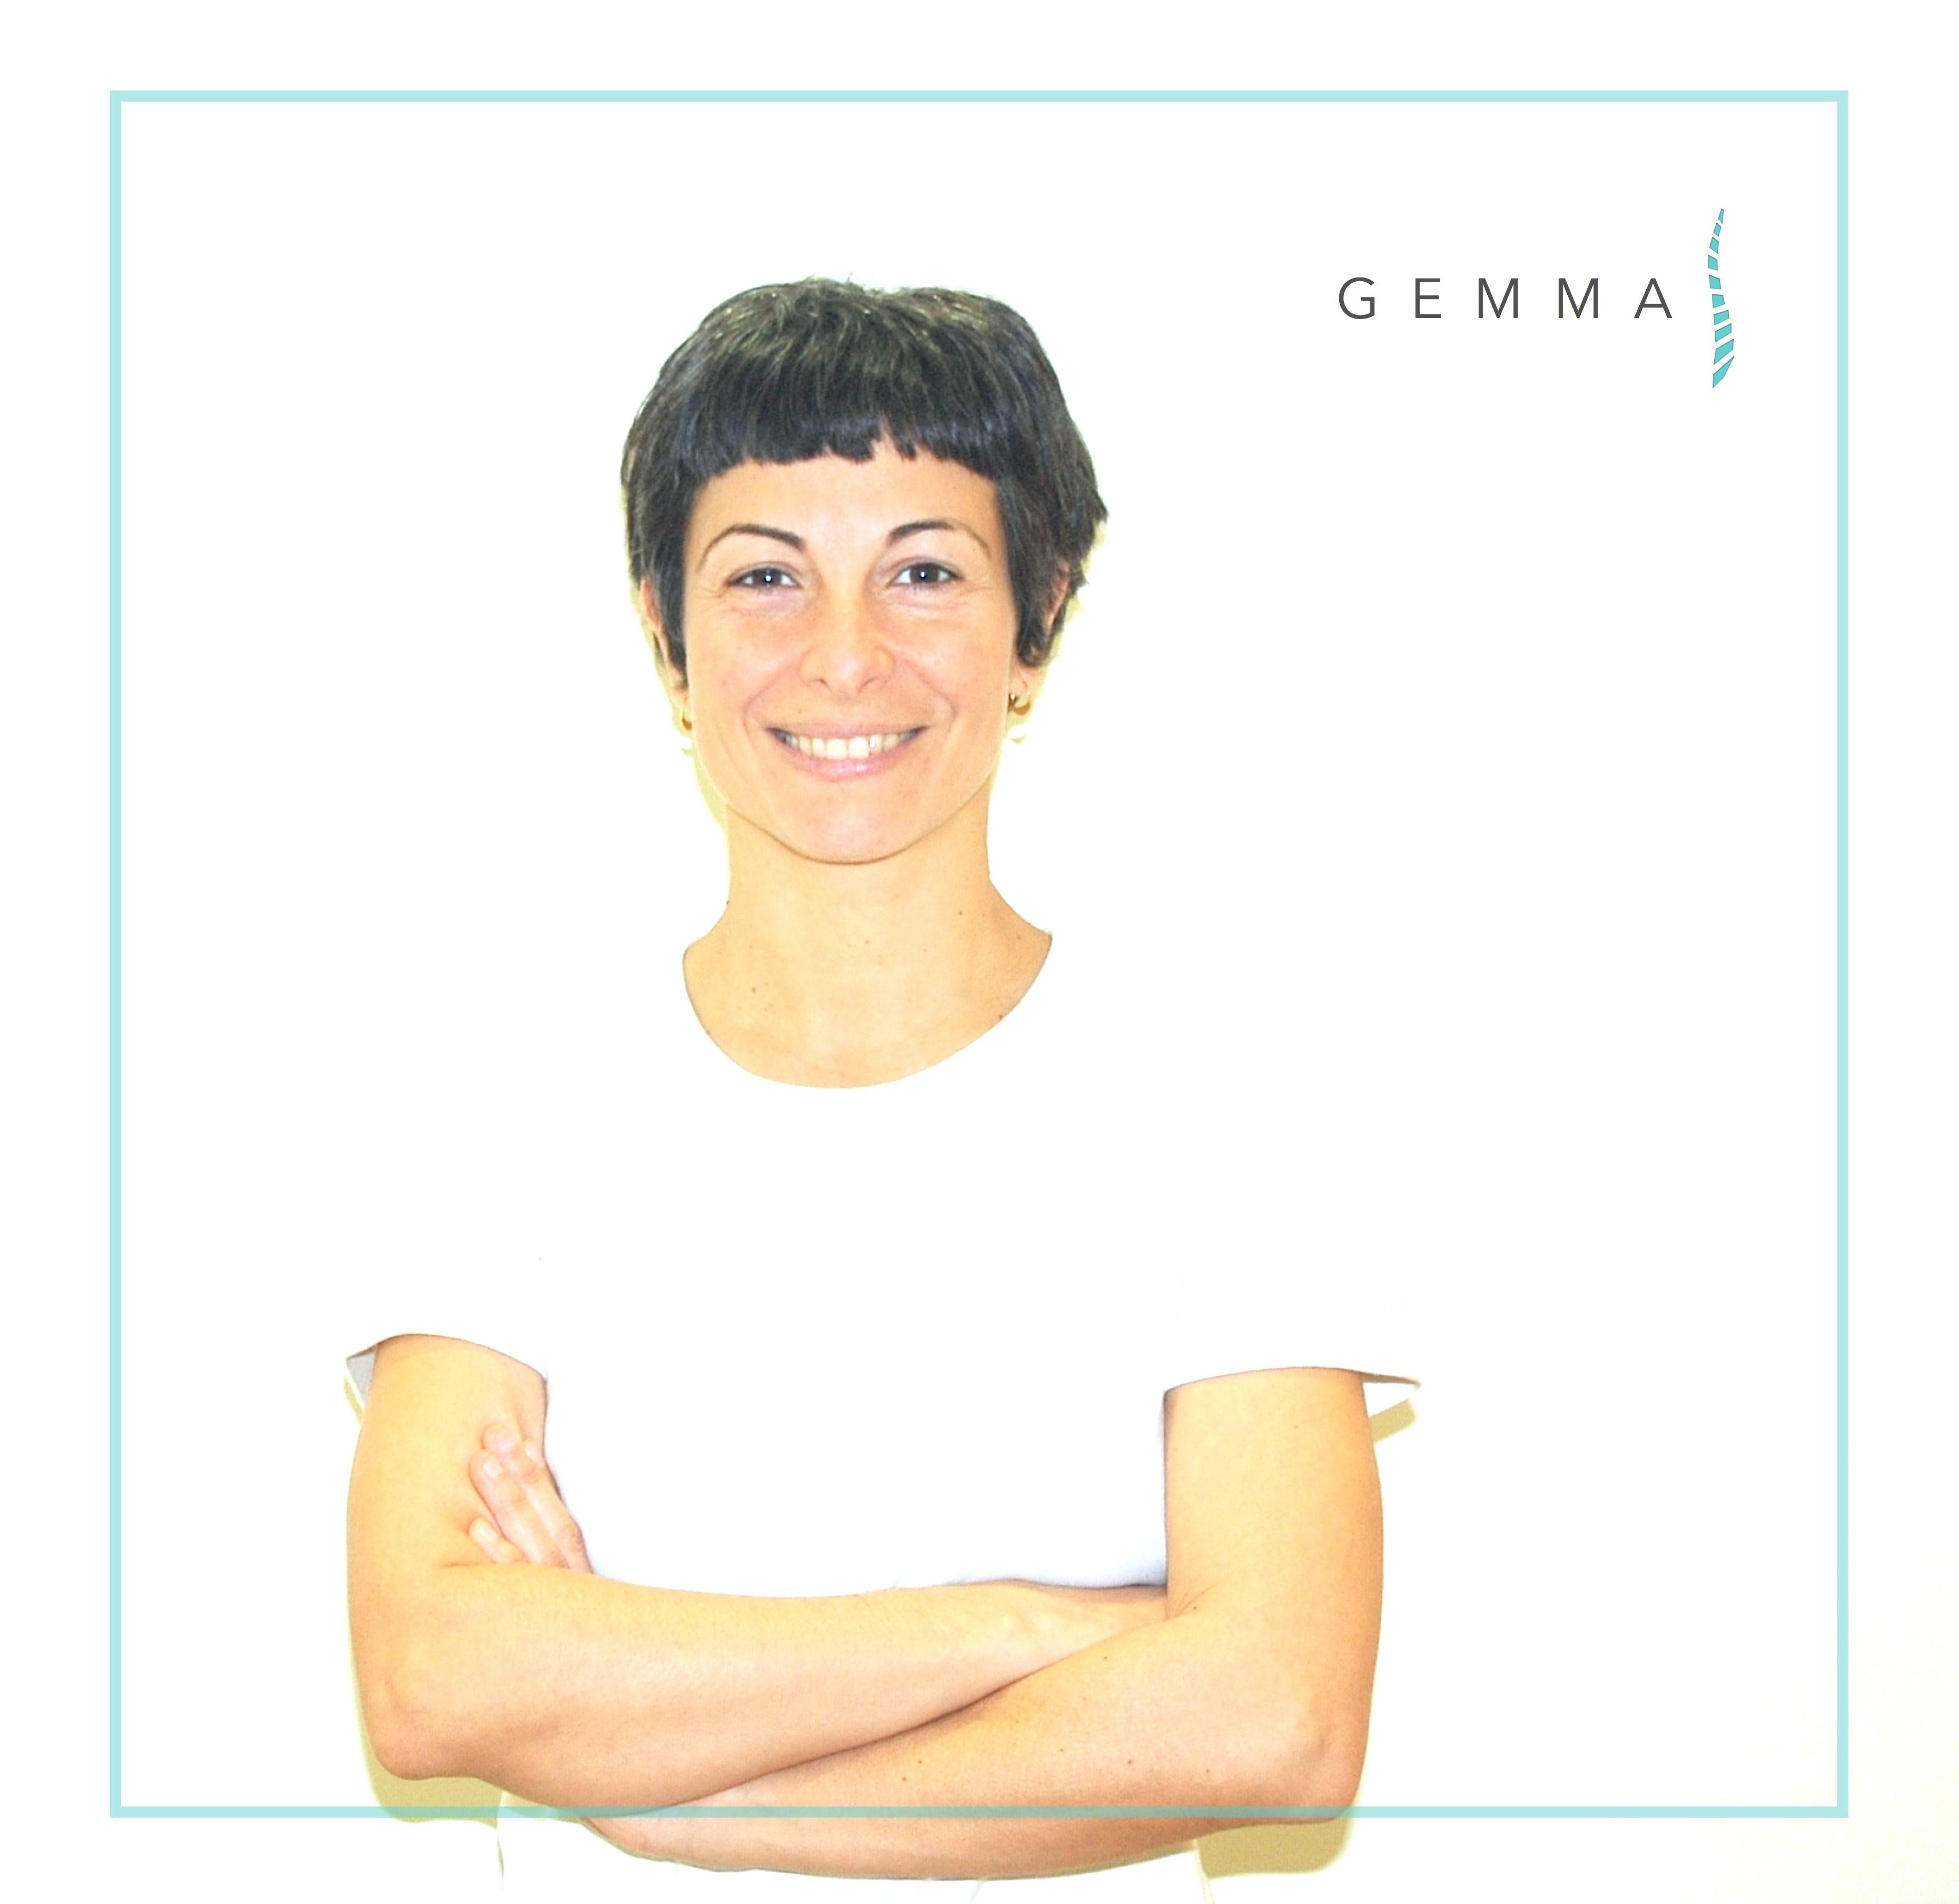 geemma